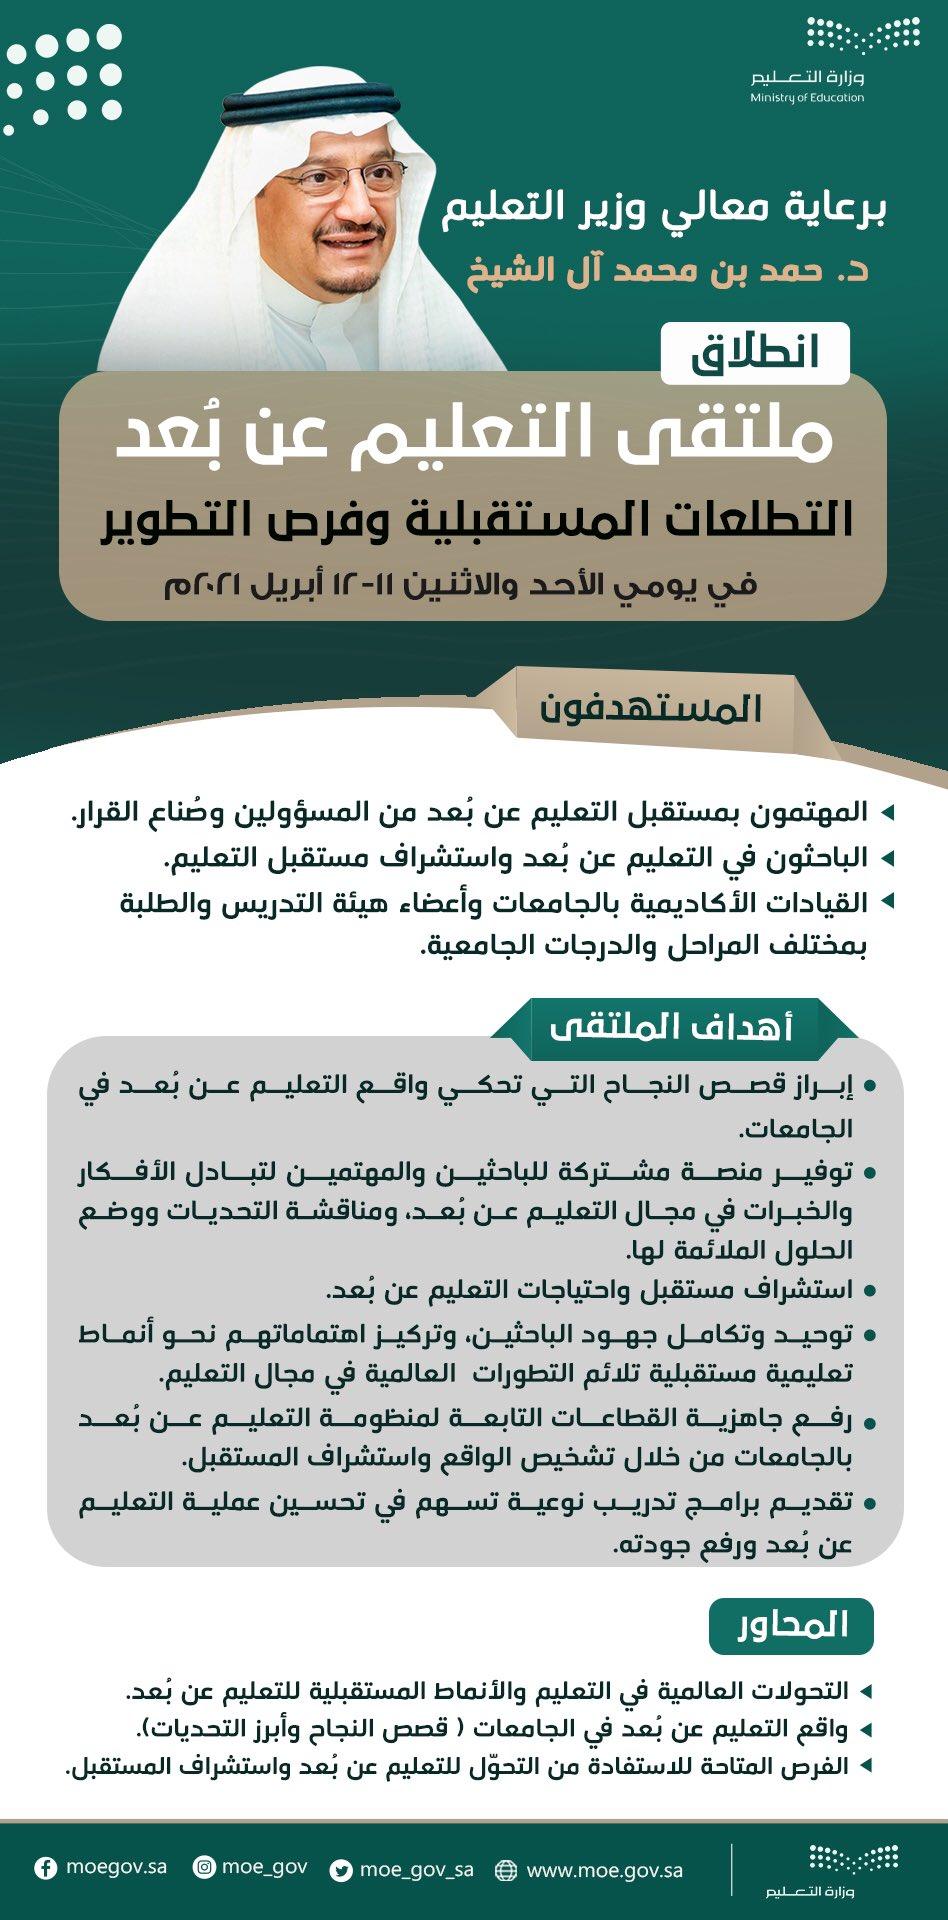 ملتقى التعليم عن بعد وزير التعليم السعودي 1443